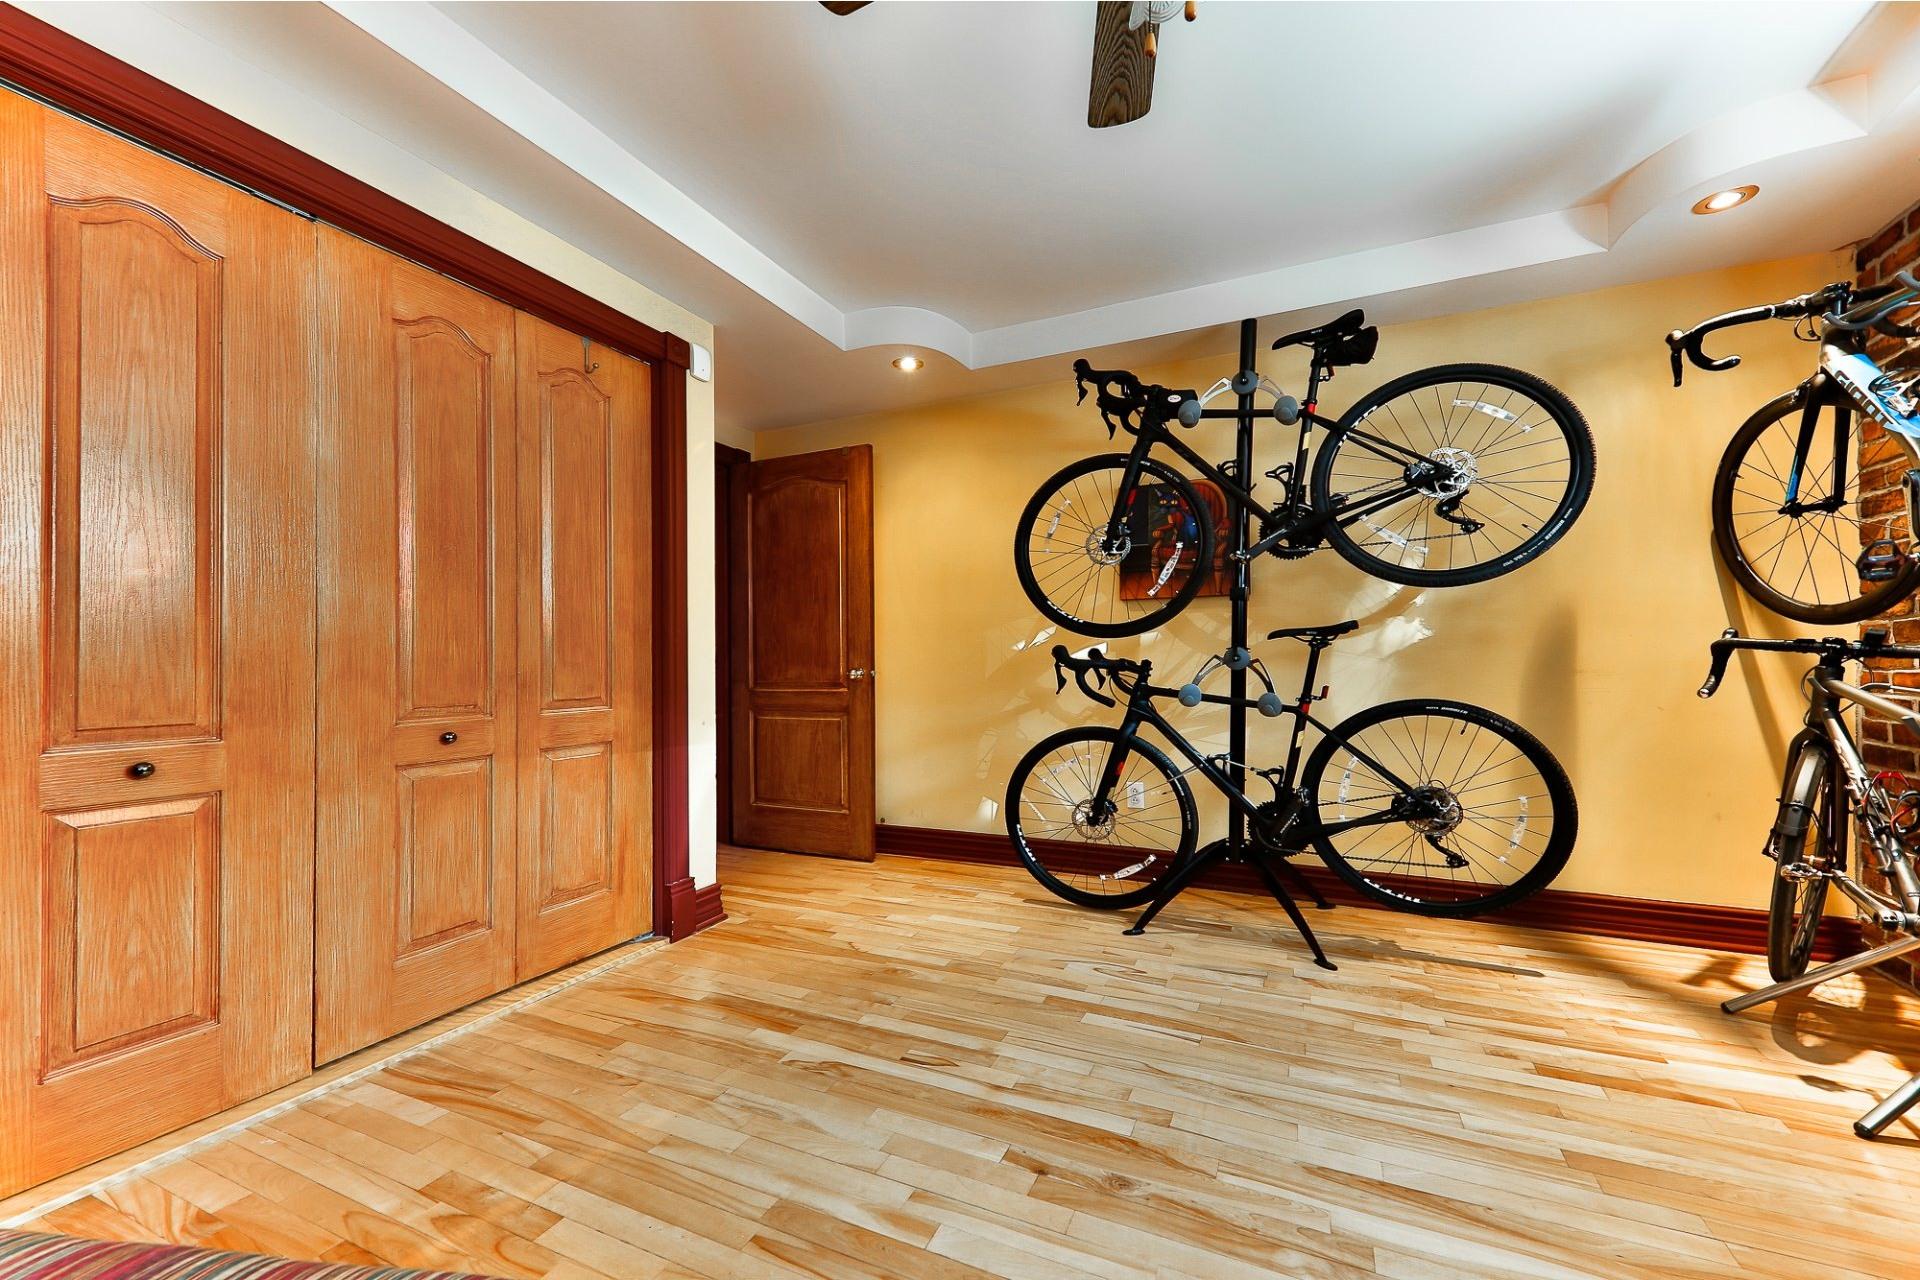 image 9 - Apartment For sale Villeray/Saint-Michel/Parc-Extension Montréal  - 6 rooms